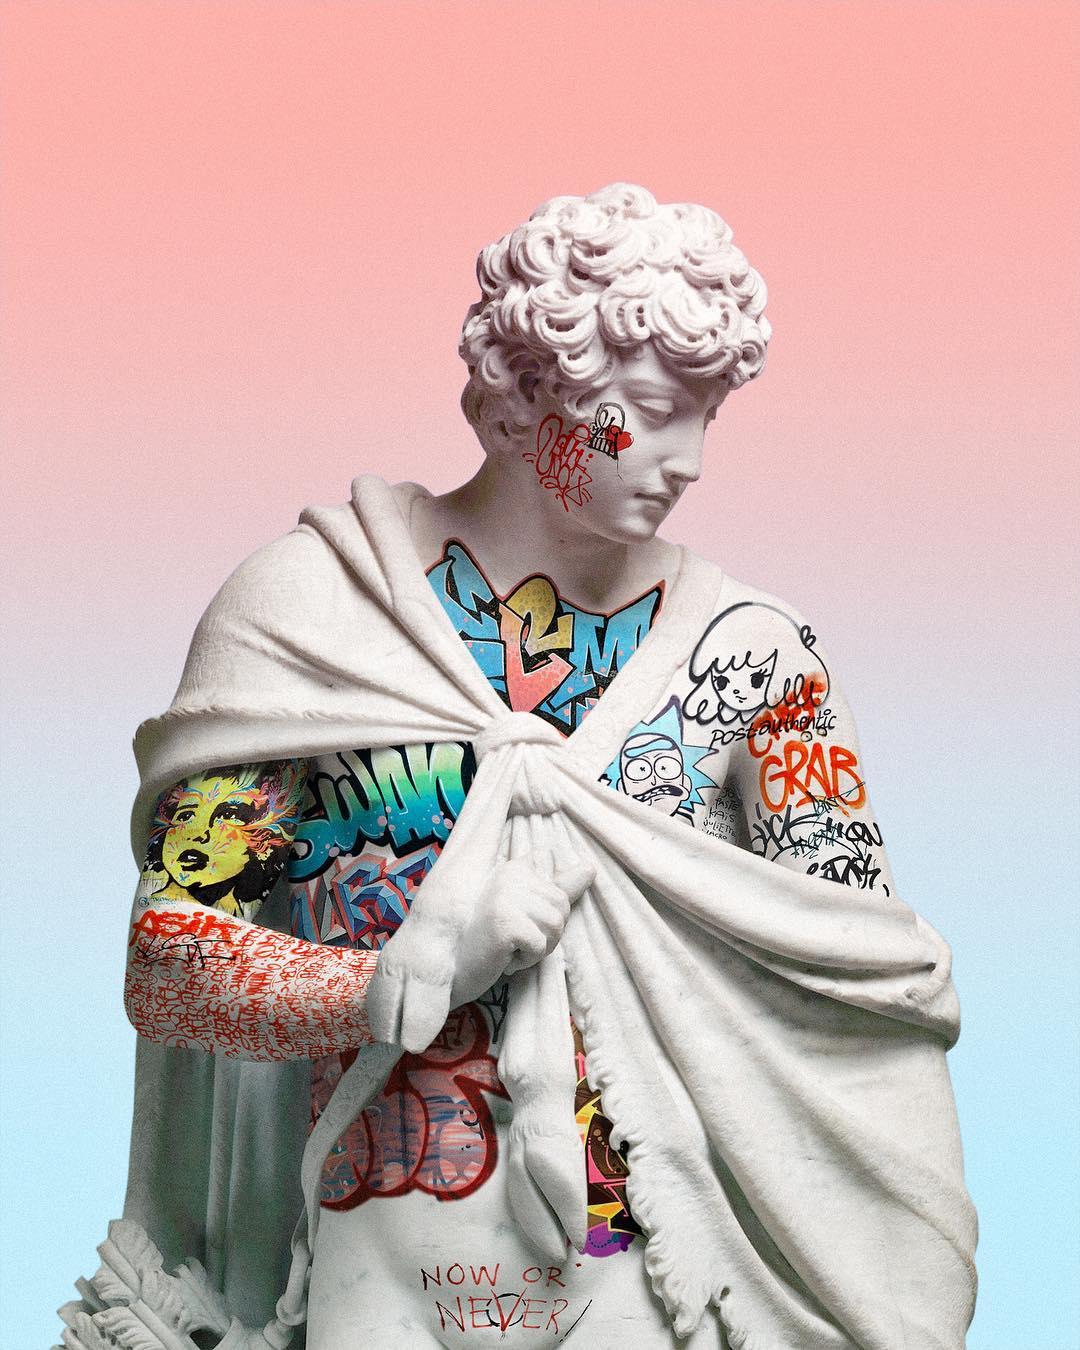 Le sculture vaporwave digitali di Litavrin | Collater.al